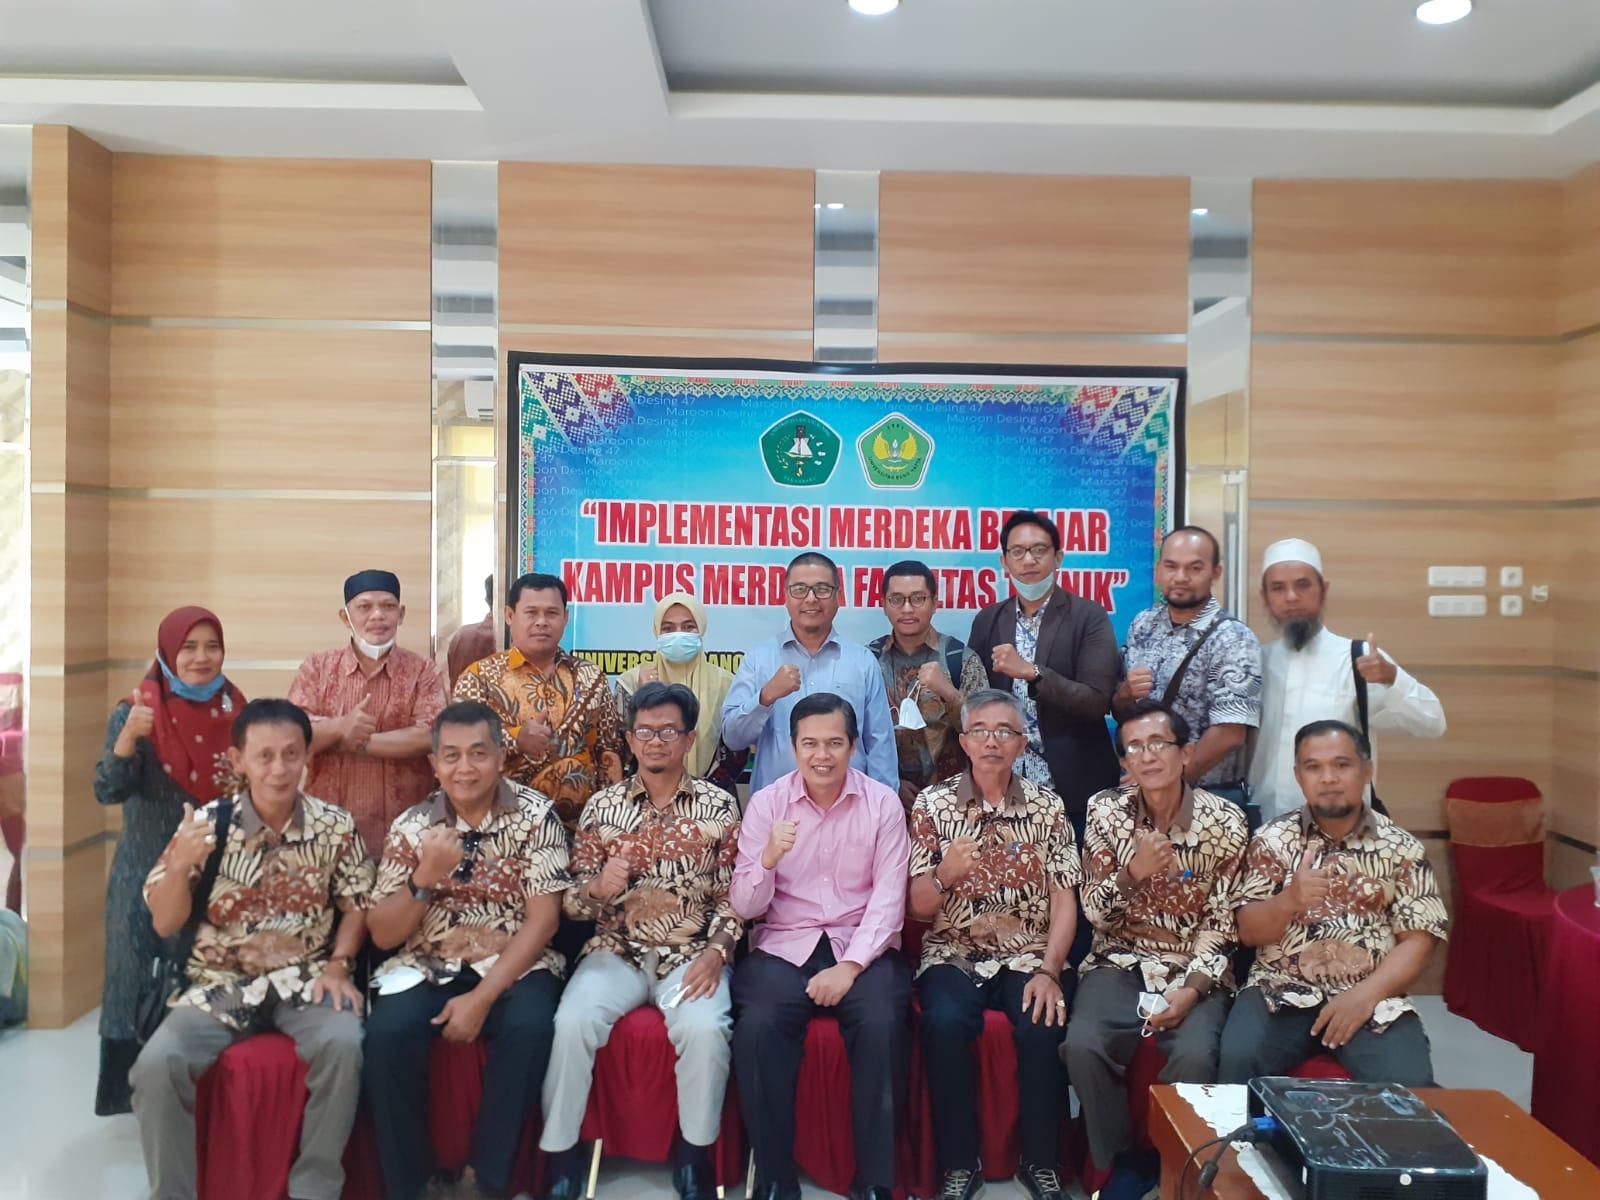 Implementasi Program MBKM, Prodi Teknik Elektro Visitasi dan Sosialisasi ke Pekan Baru